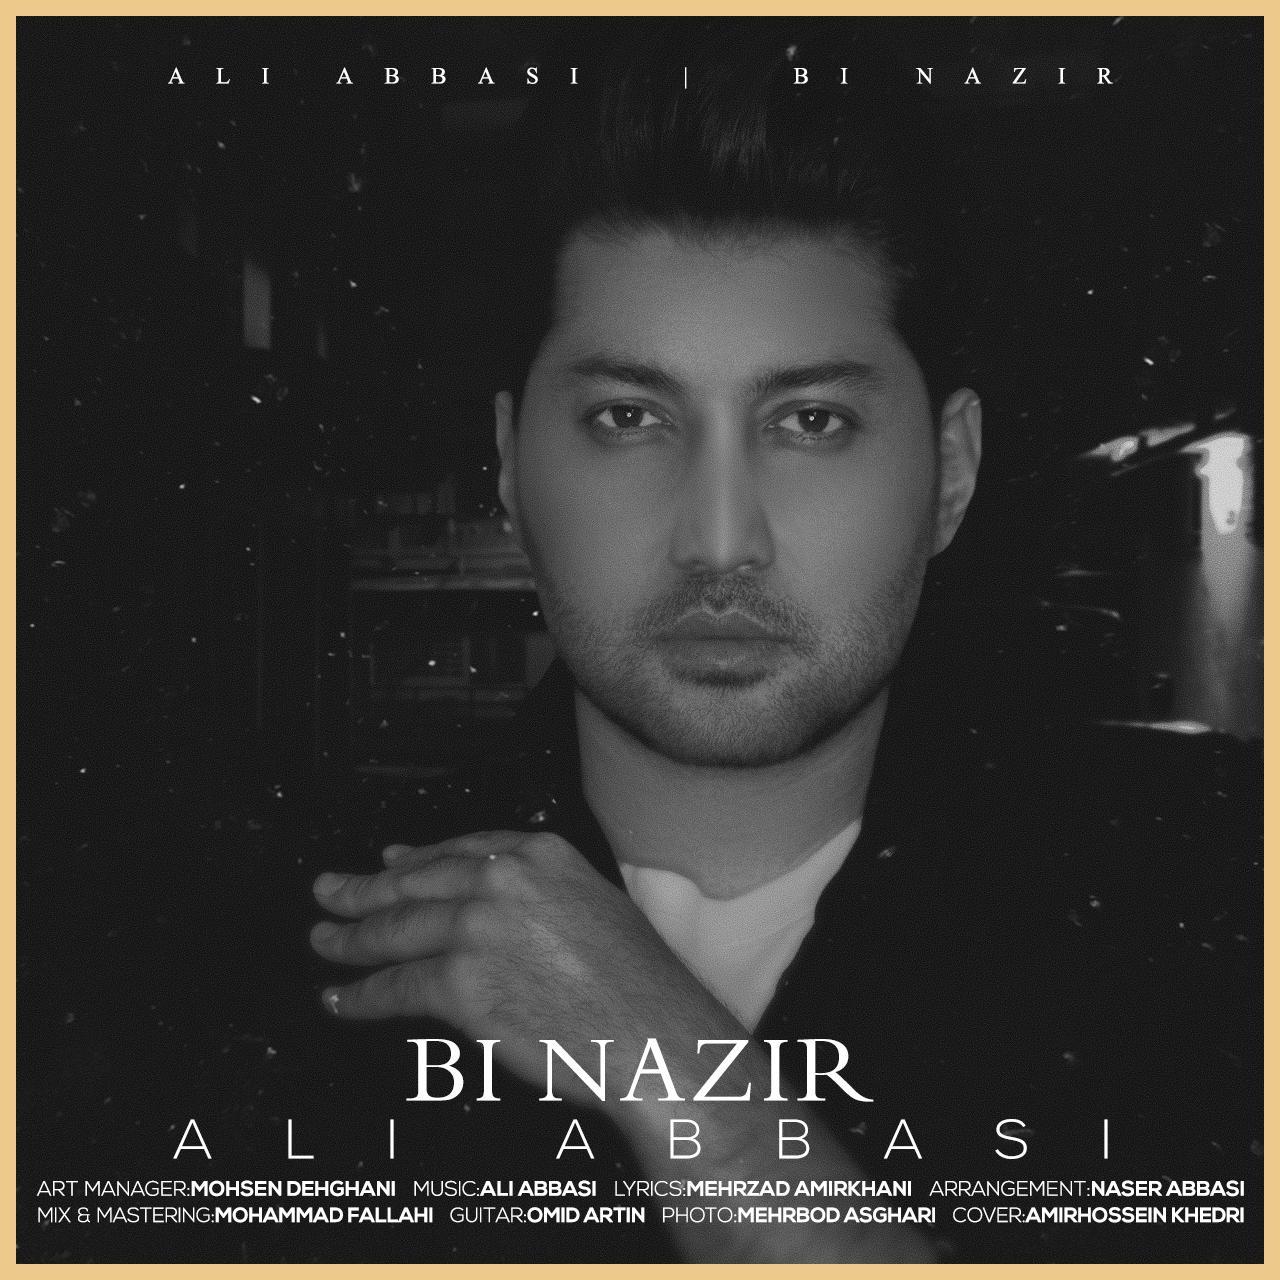 Ali Abbasi – Bi Nazir